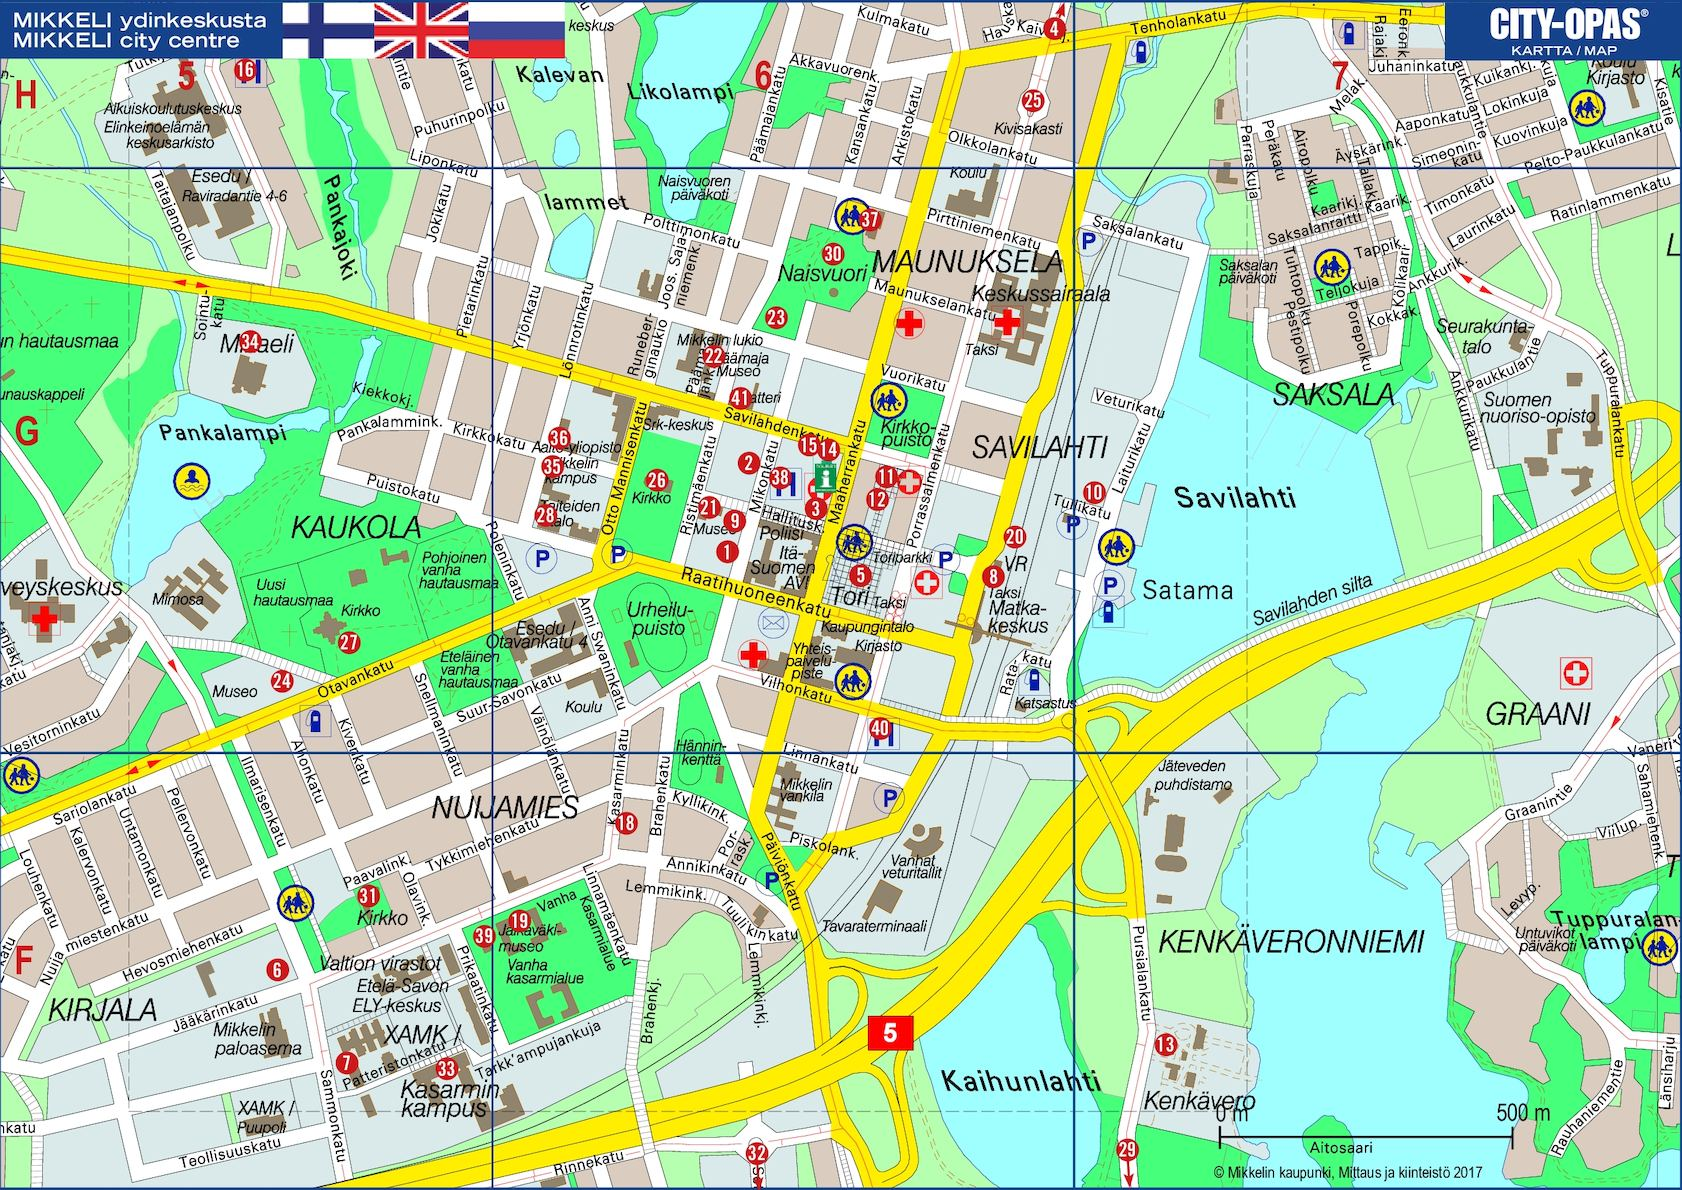 Calameo Mikkelin Keskustan City Opas Kartta 2017